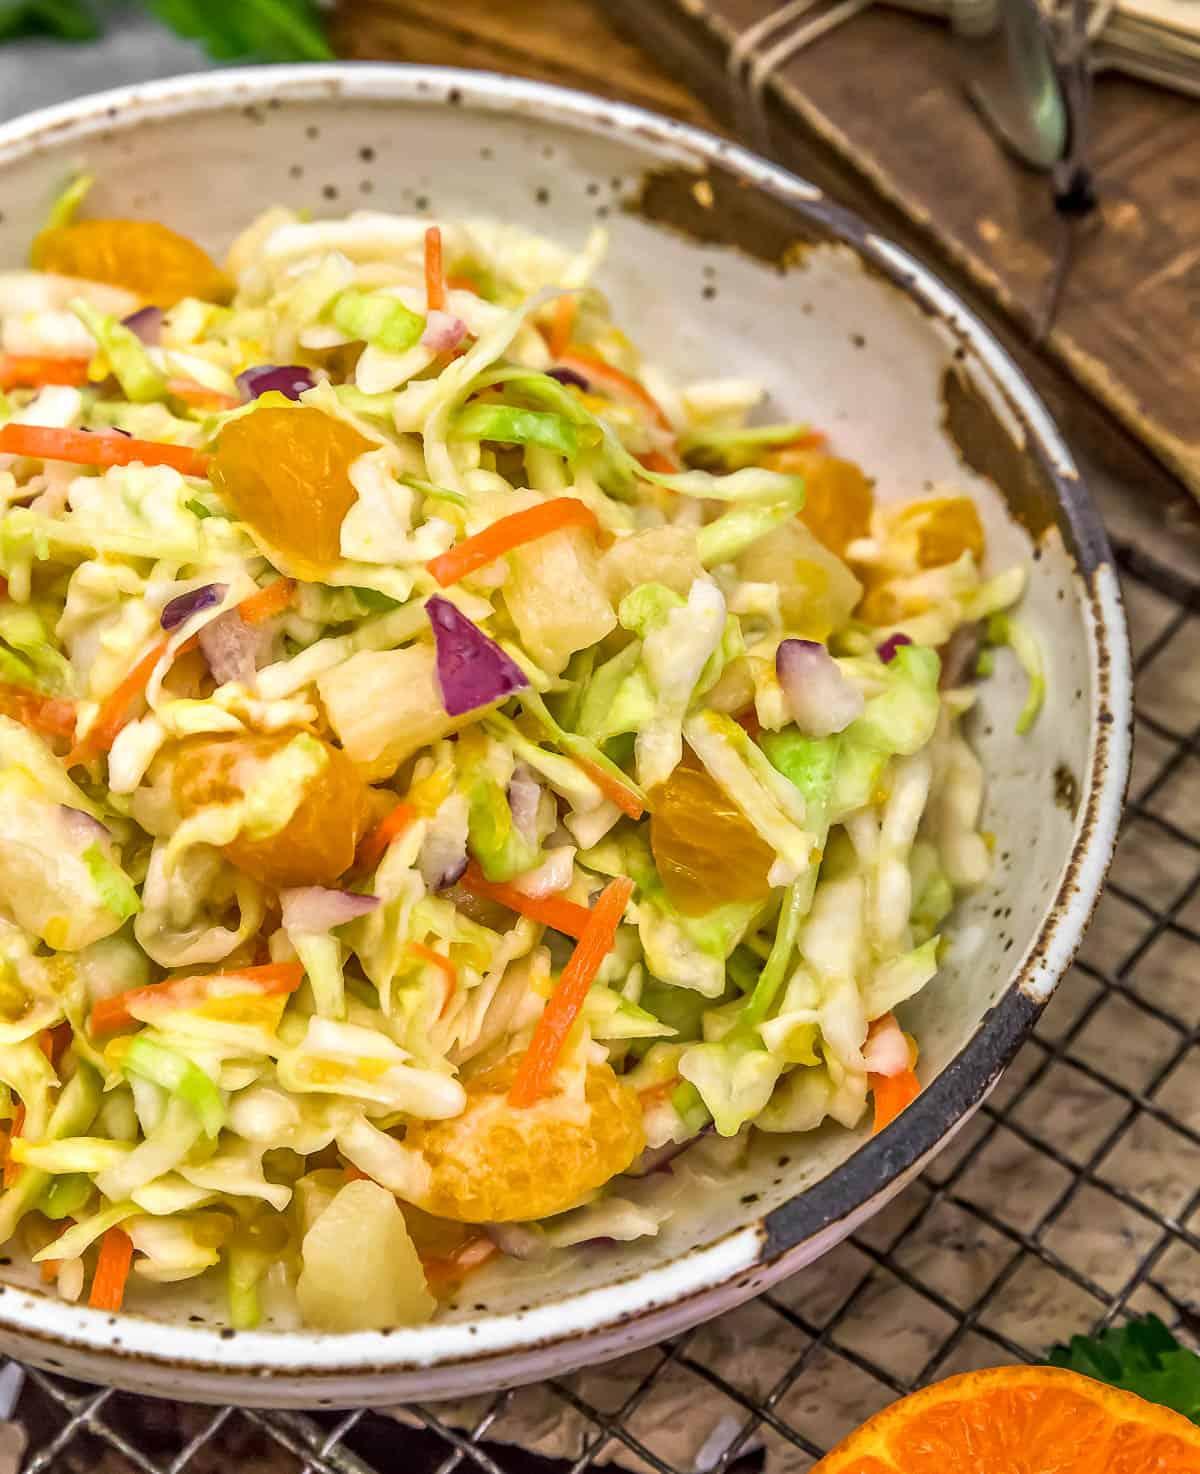 Bowl of Vegan Tropical Coleslaw